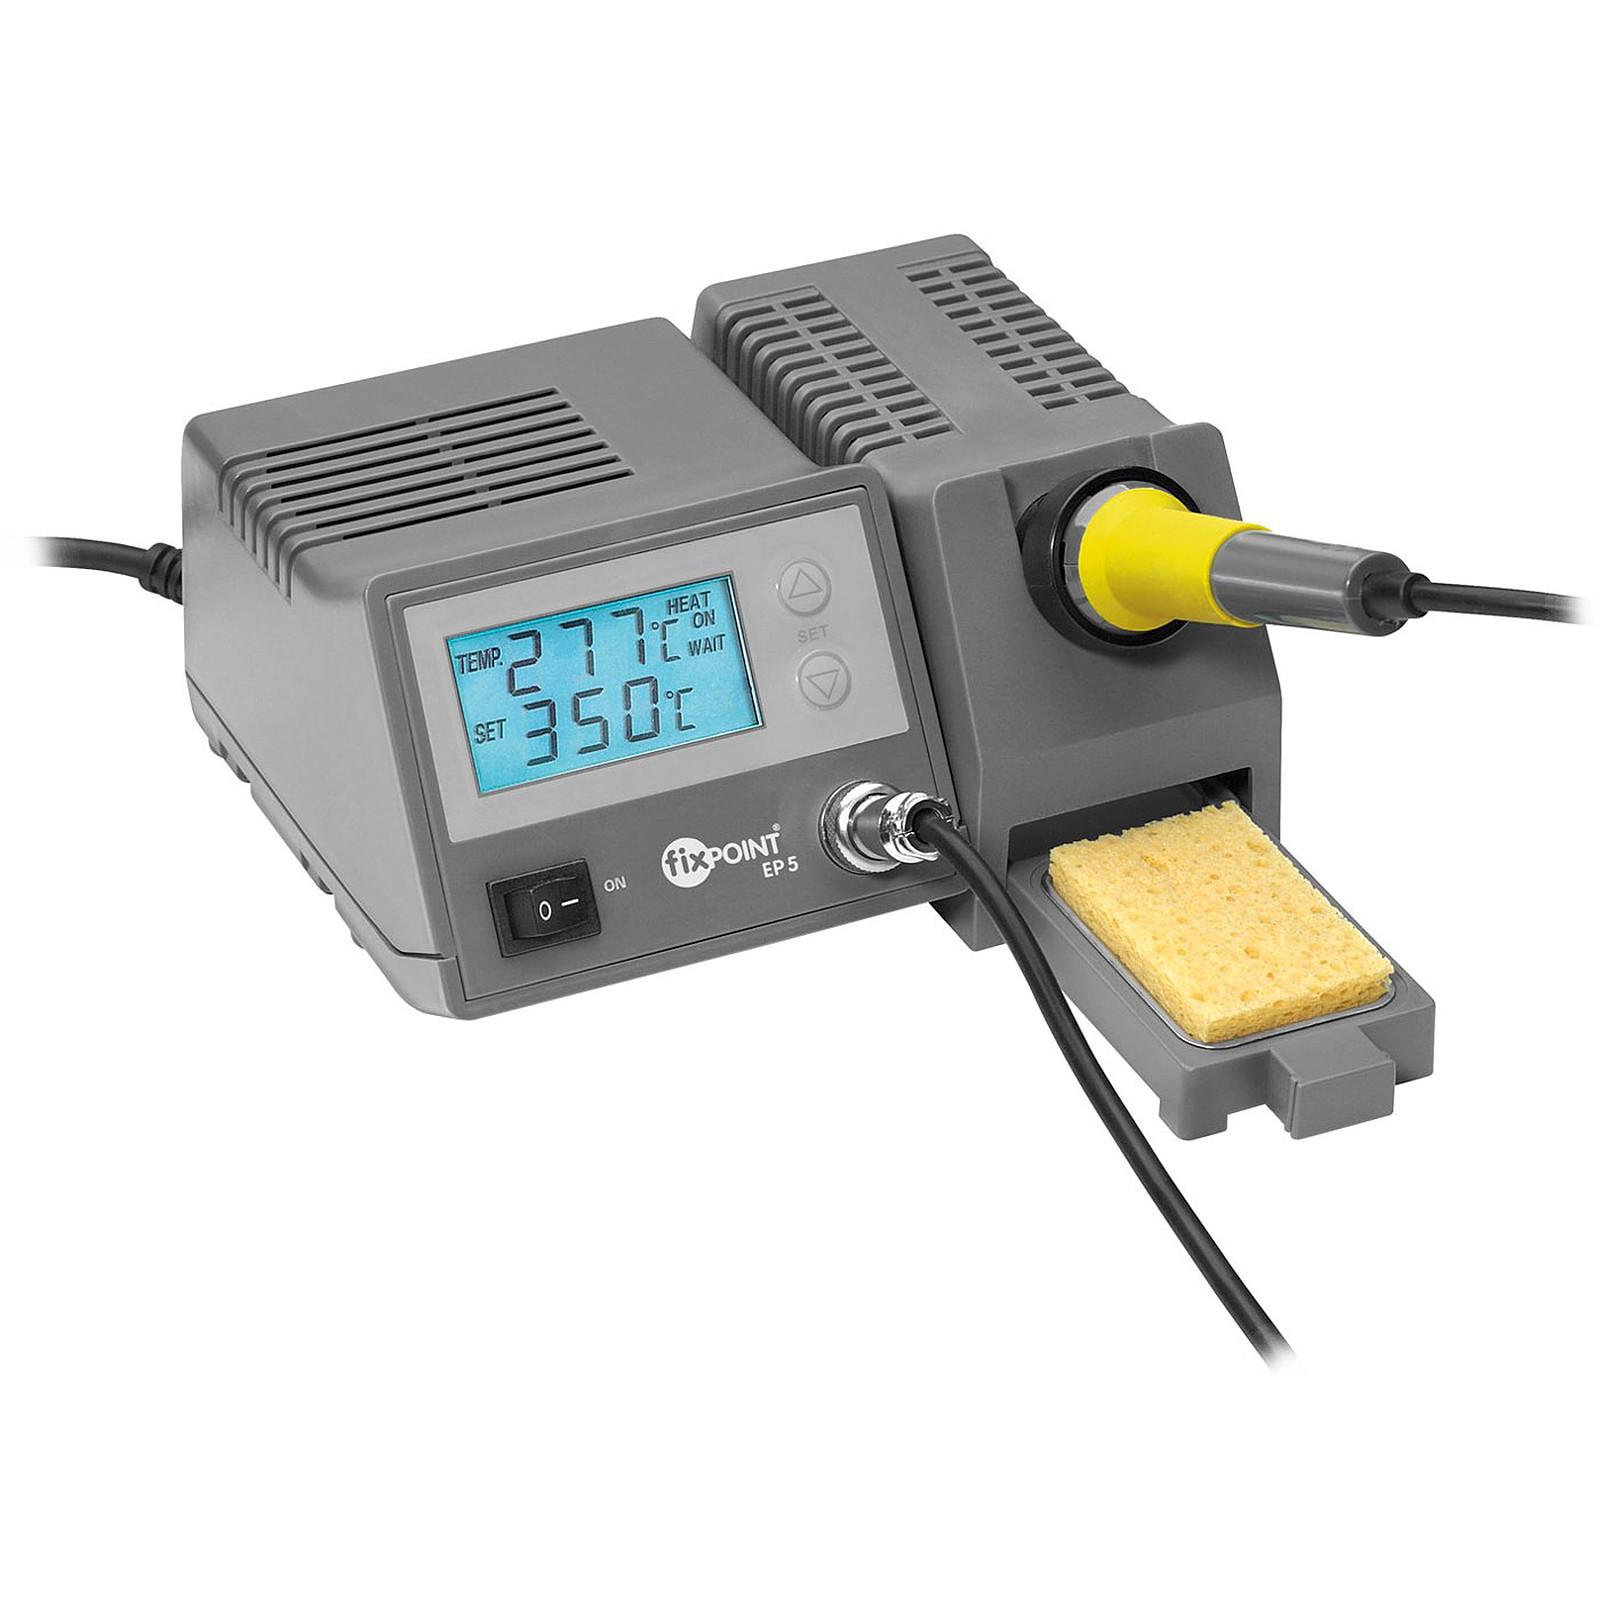 Station de soudure numérique (fer + support avec réglage numérique + éponge)